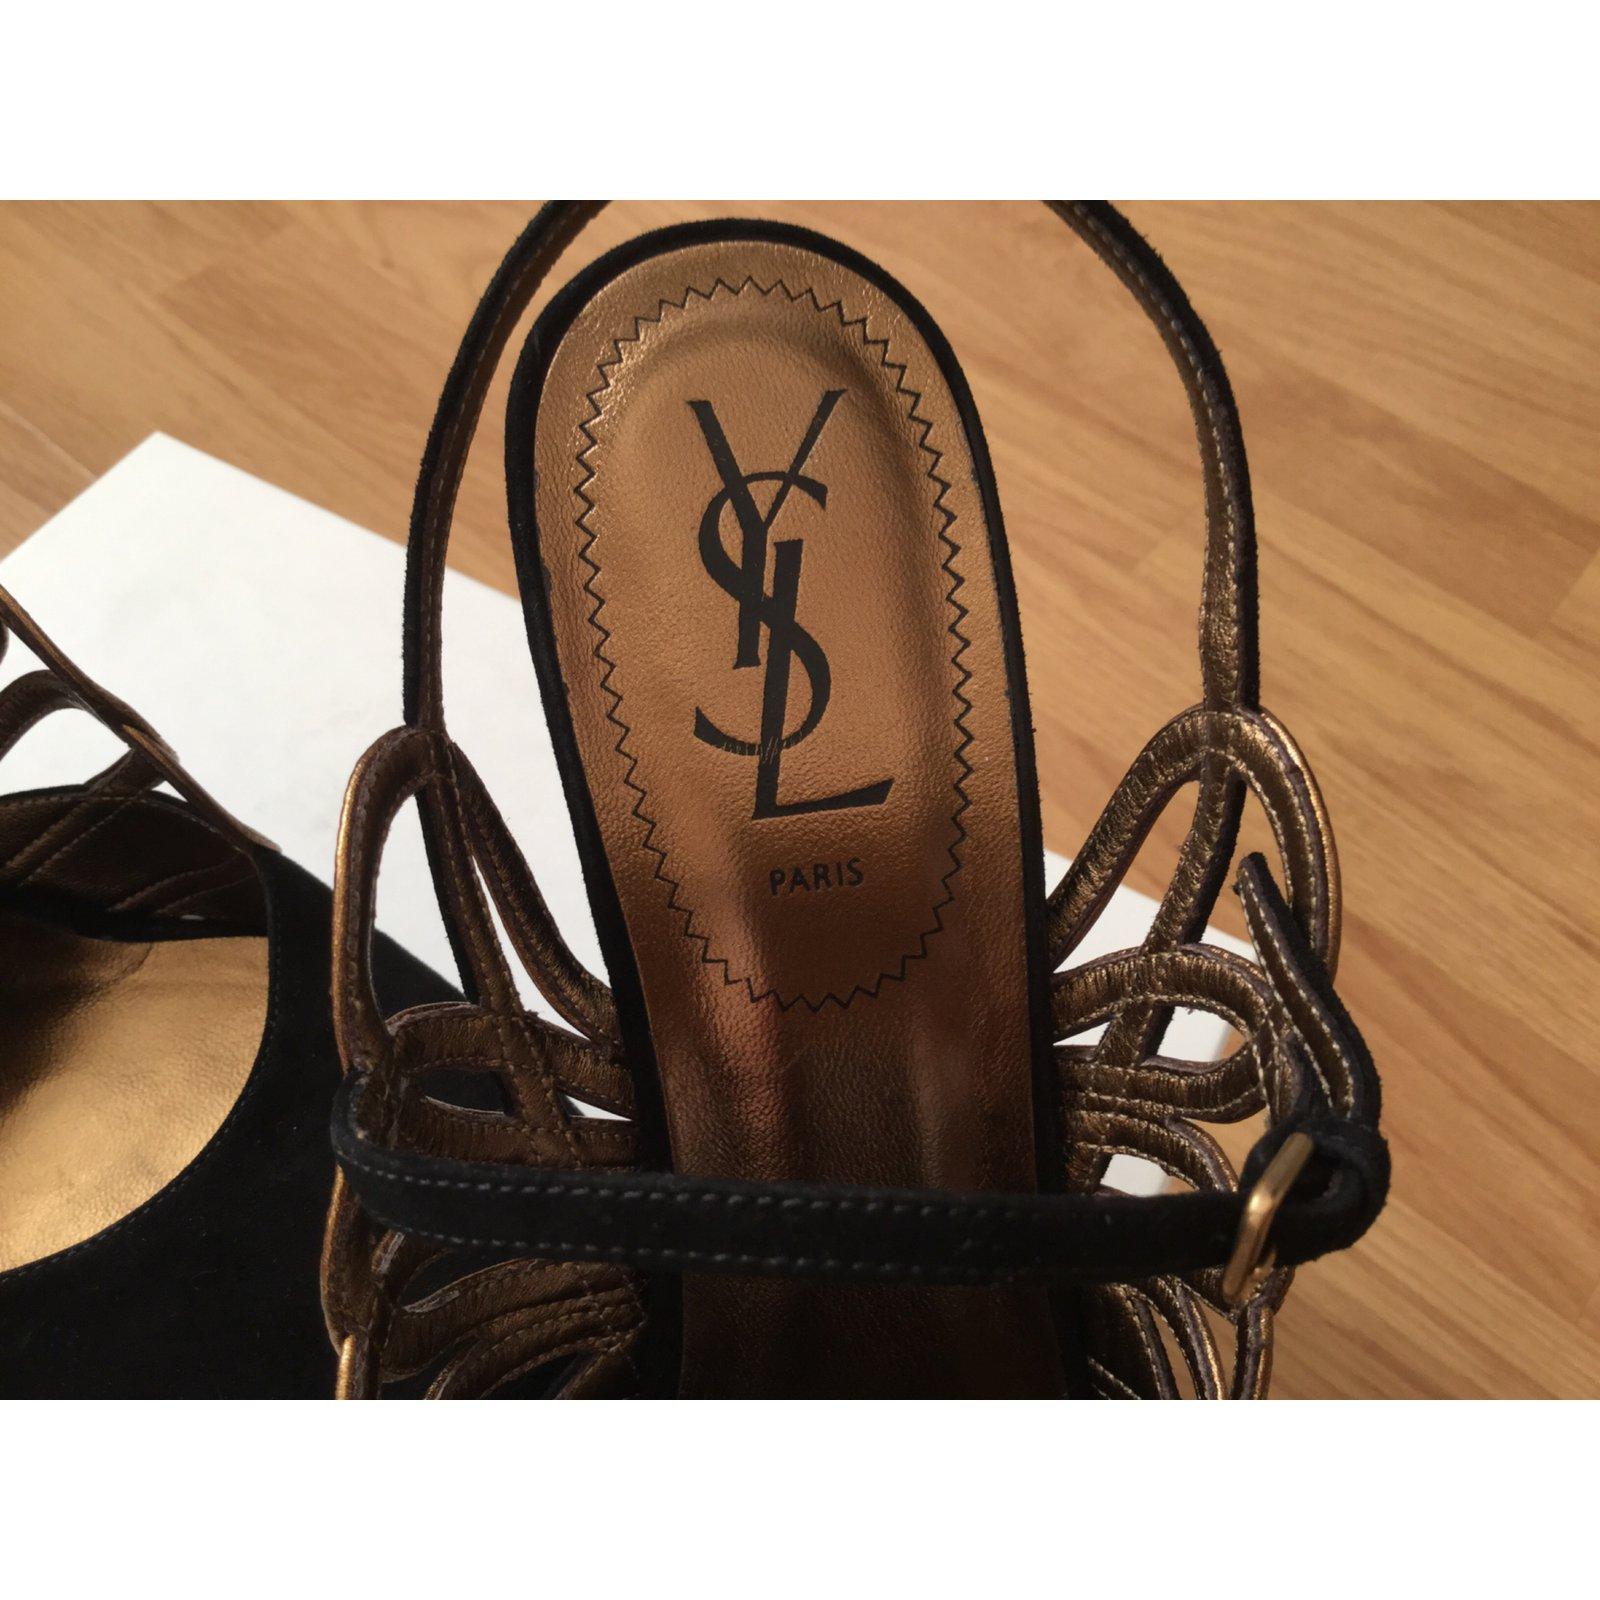 0dc1c8145afb7 Yves Saint Laurent Heels Heels Deerskin Black ref.6321 - Joli Closet